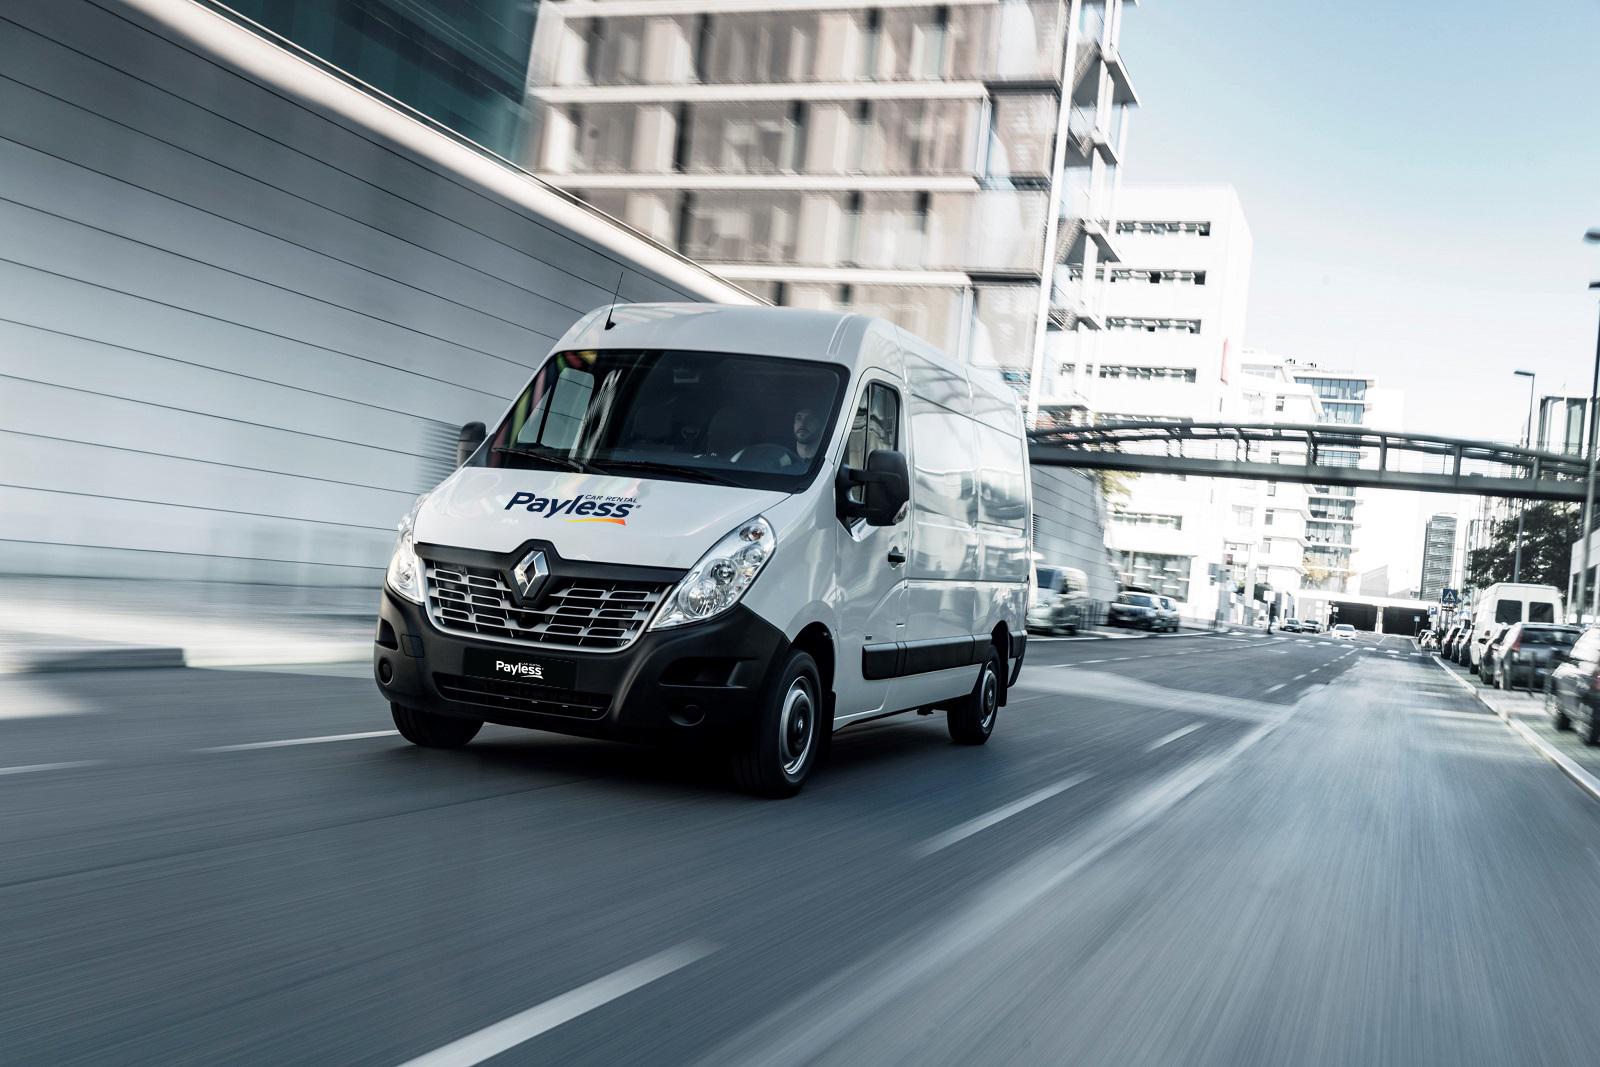 Renault Master v Payless car rental, úžitkové autá na prenájom, L3H2 požičanie dodávky